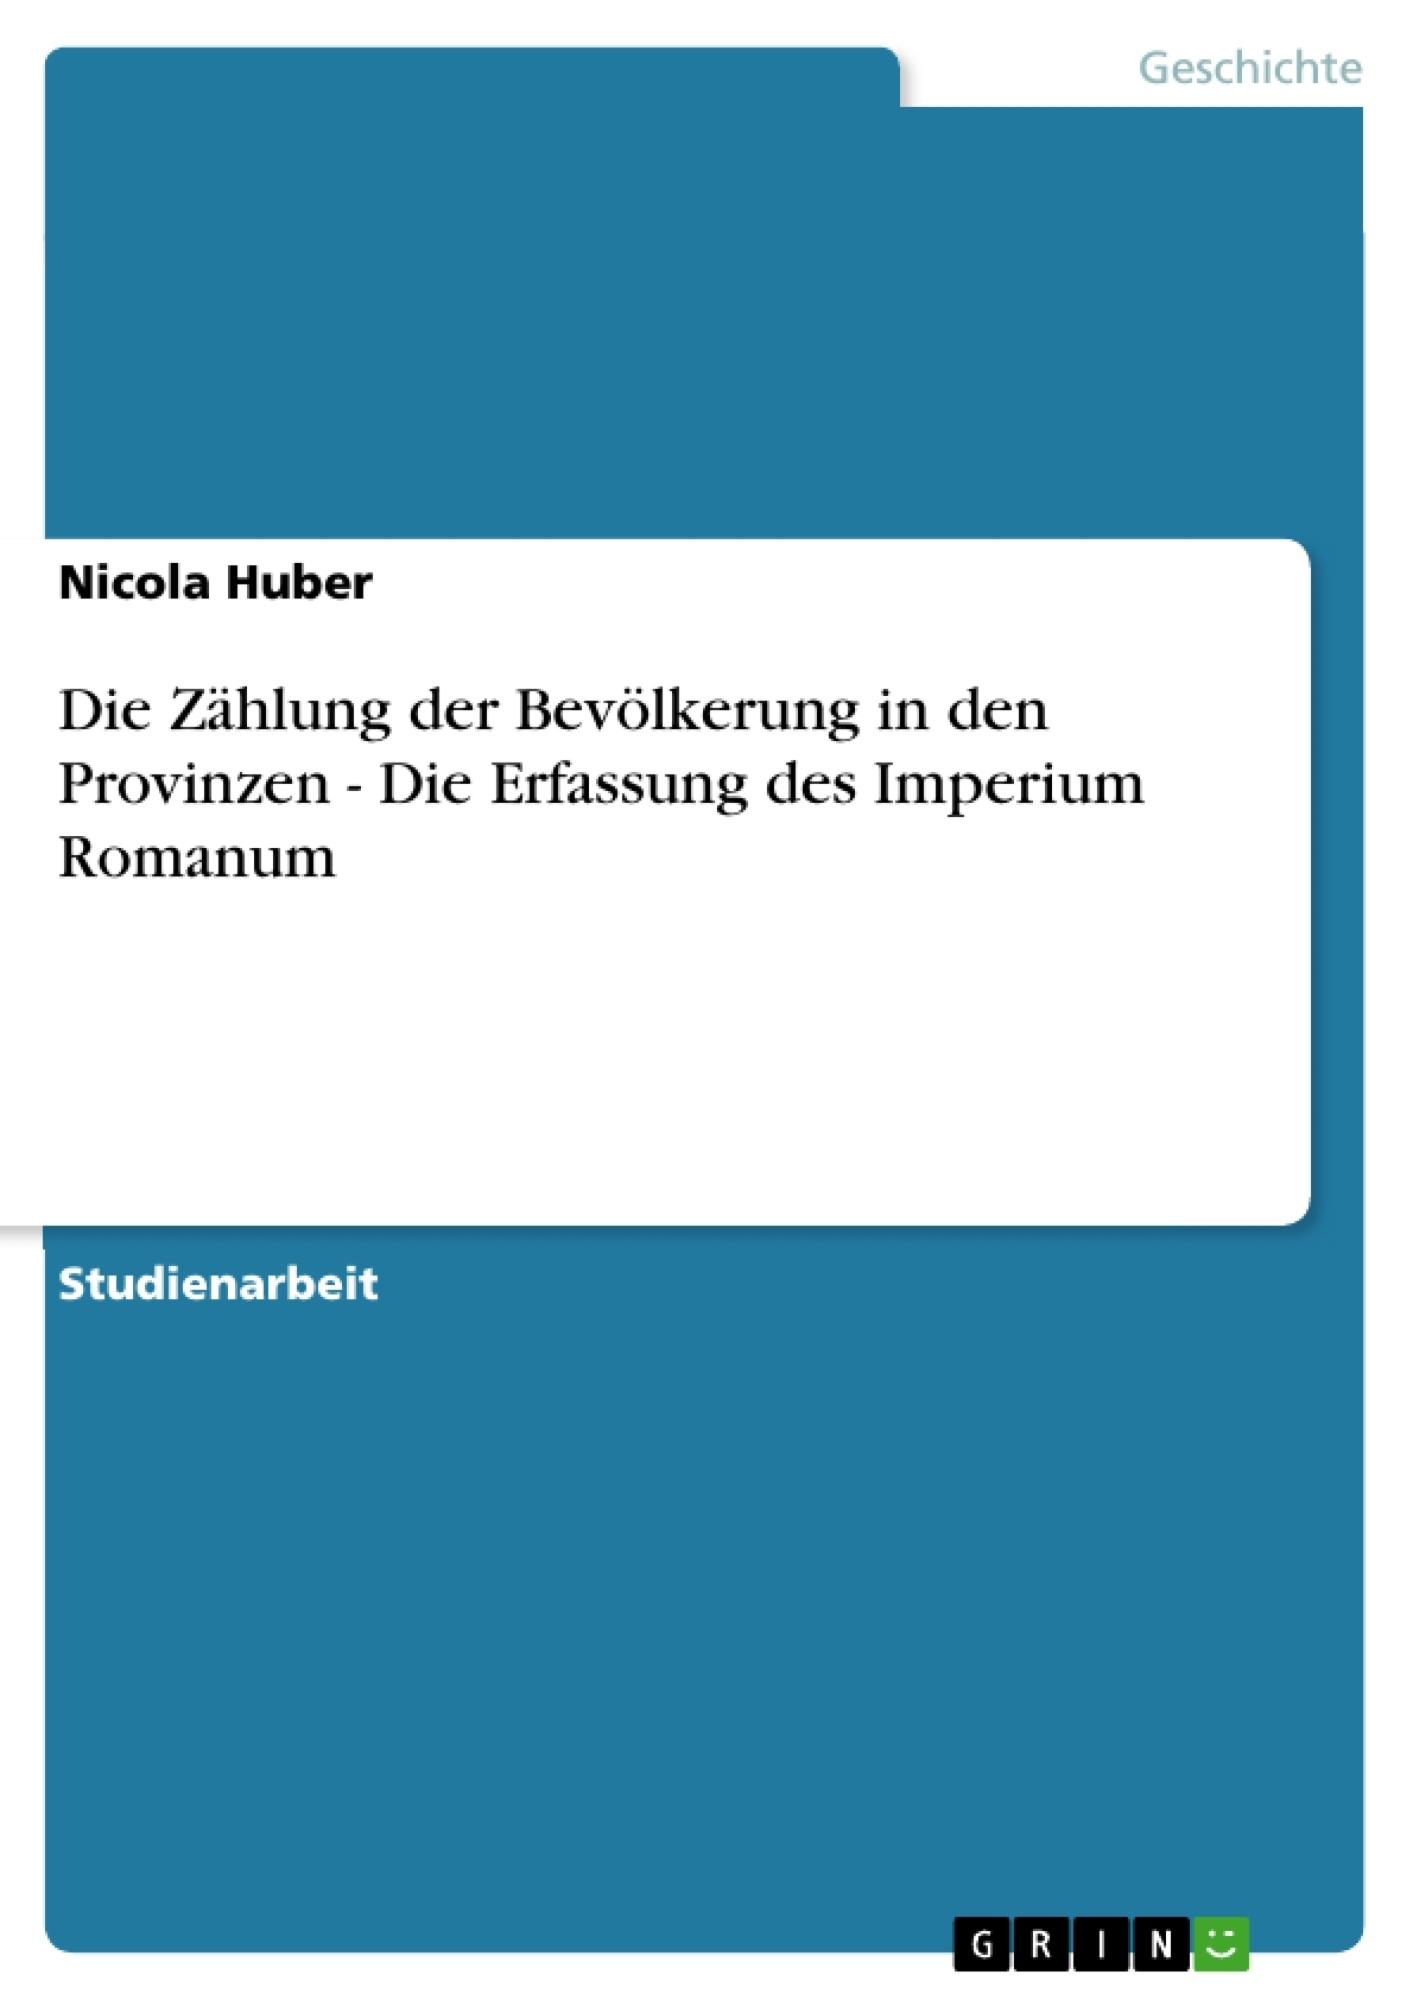 Titel: Die Zählung der Bevölkerung in den Provinzen - Die Erfassung des Imperium Romanum